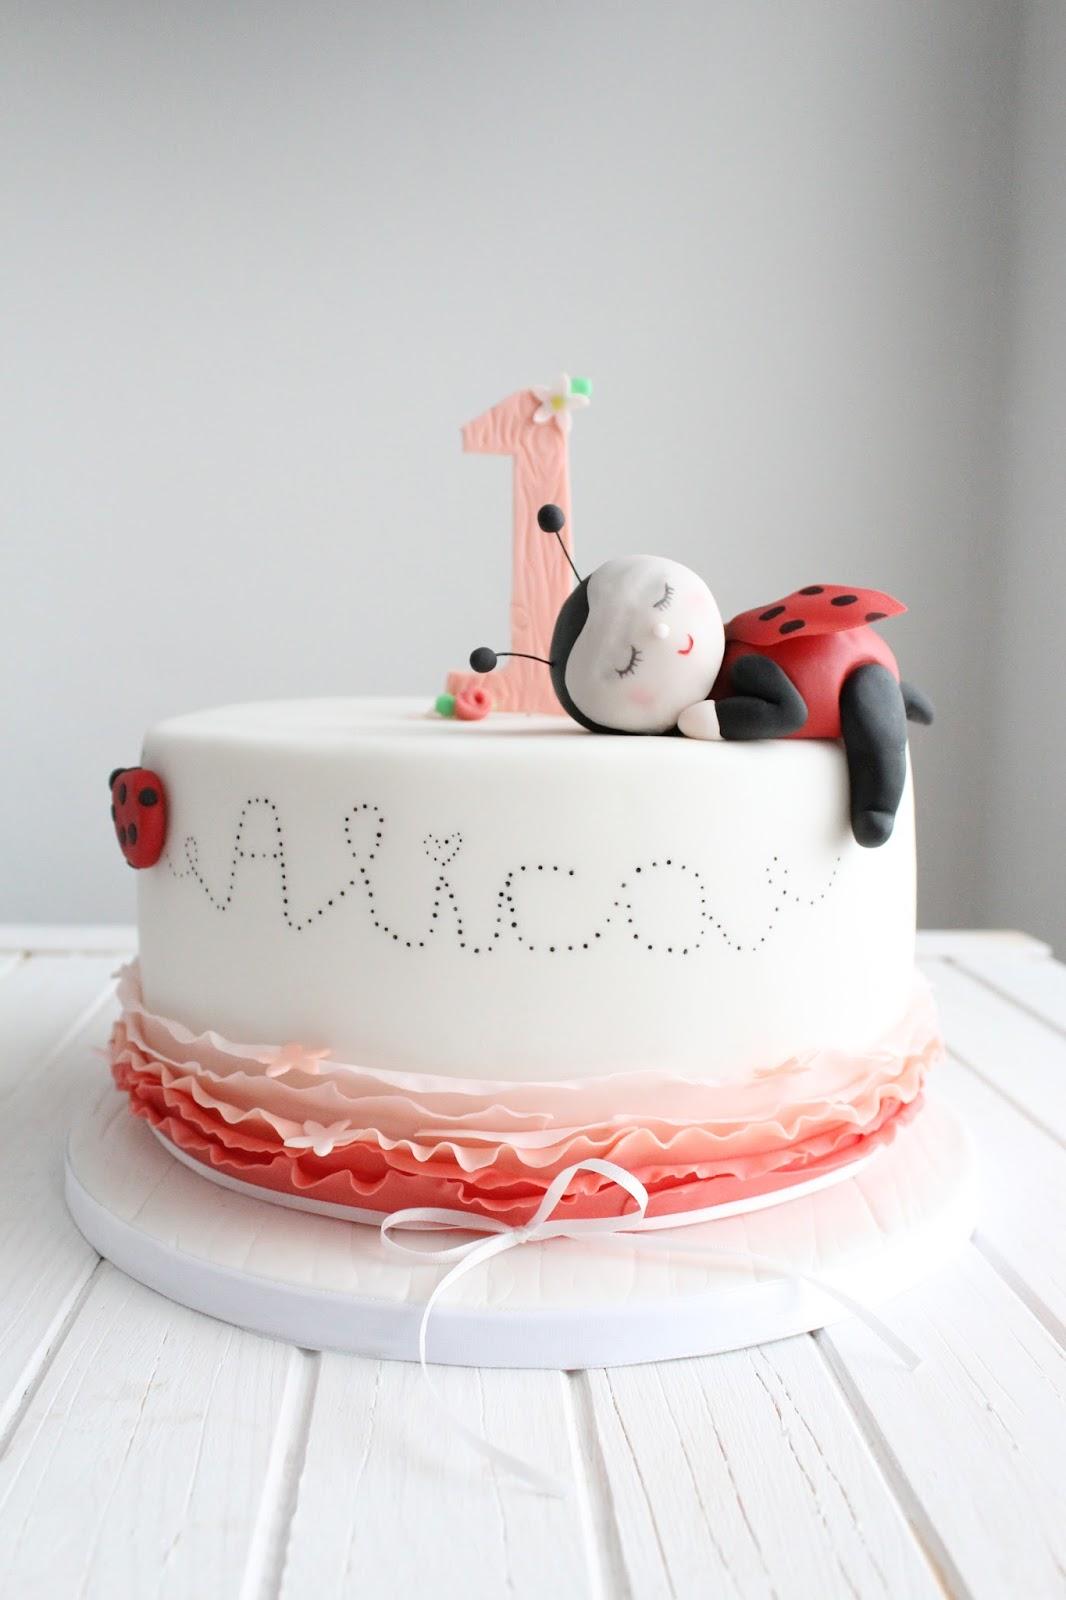 Feines Handwerk Marienkafer Torte Zum 1 Geburtstagstag Plus Anleitung